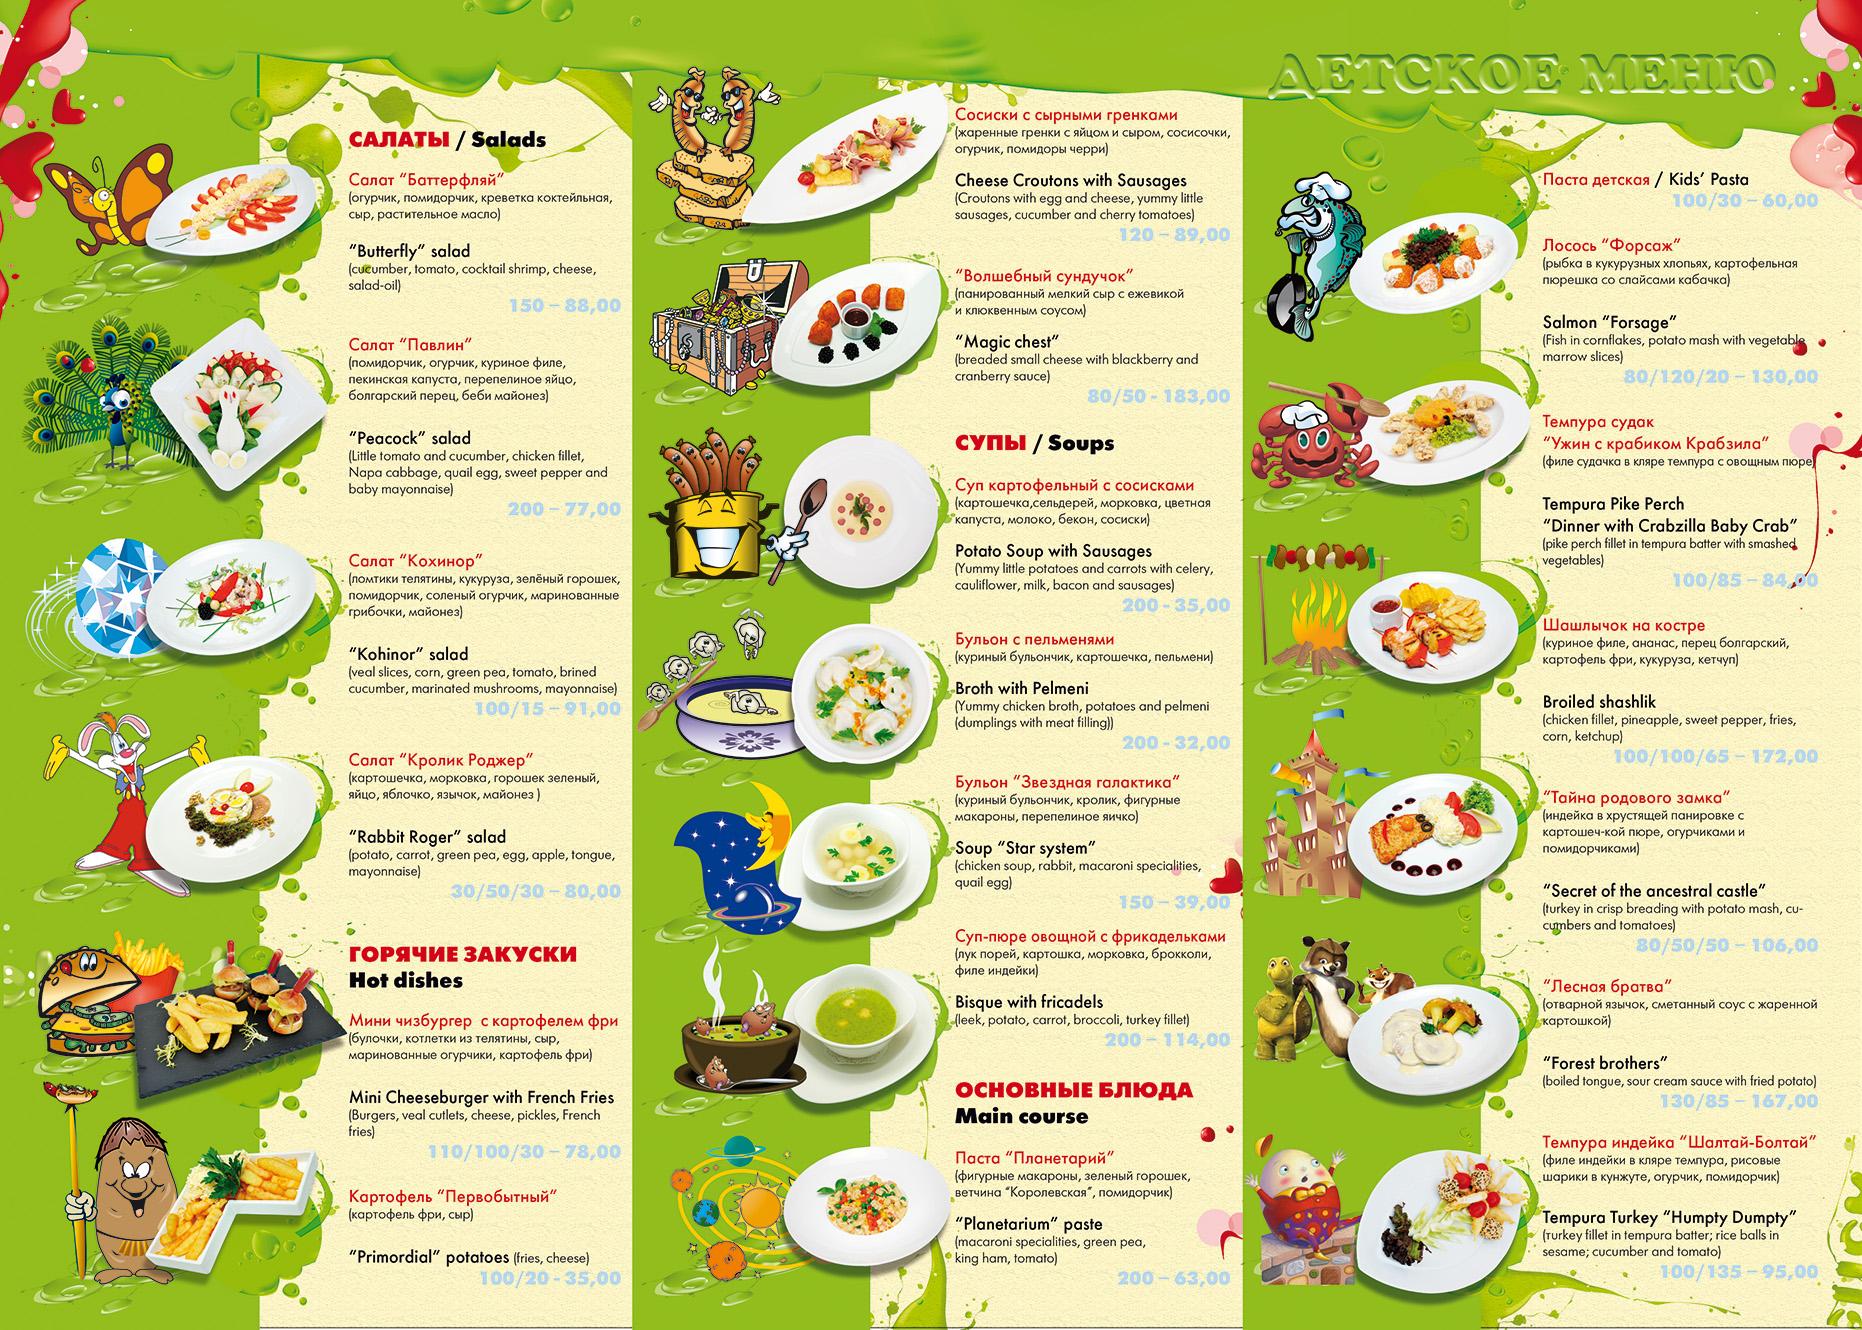 экономное меню для похудения от диетолога день